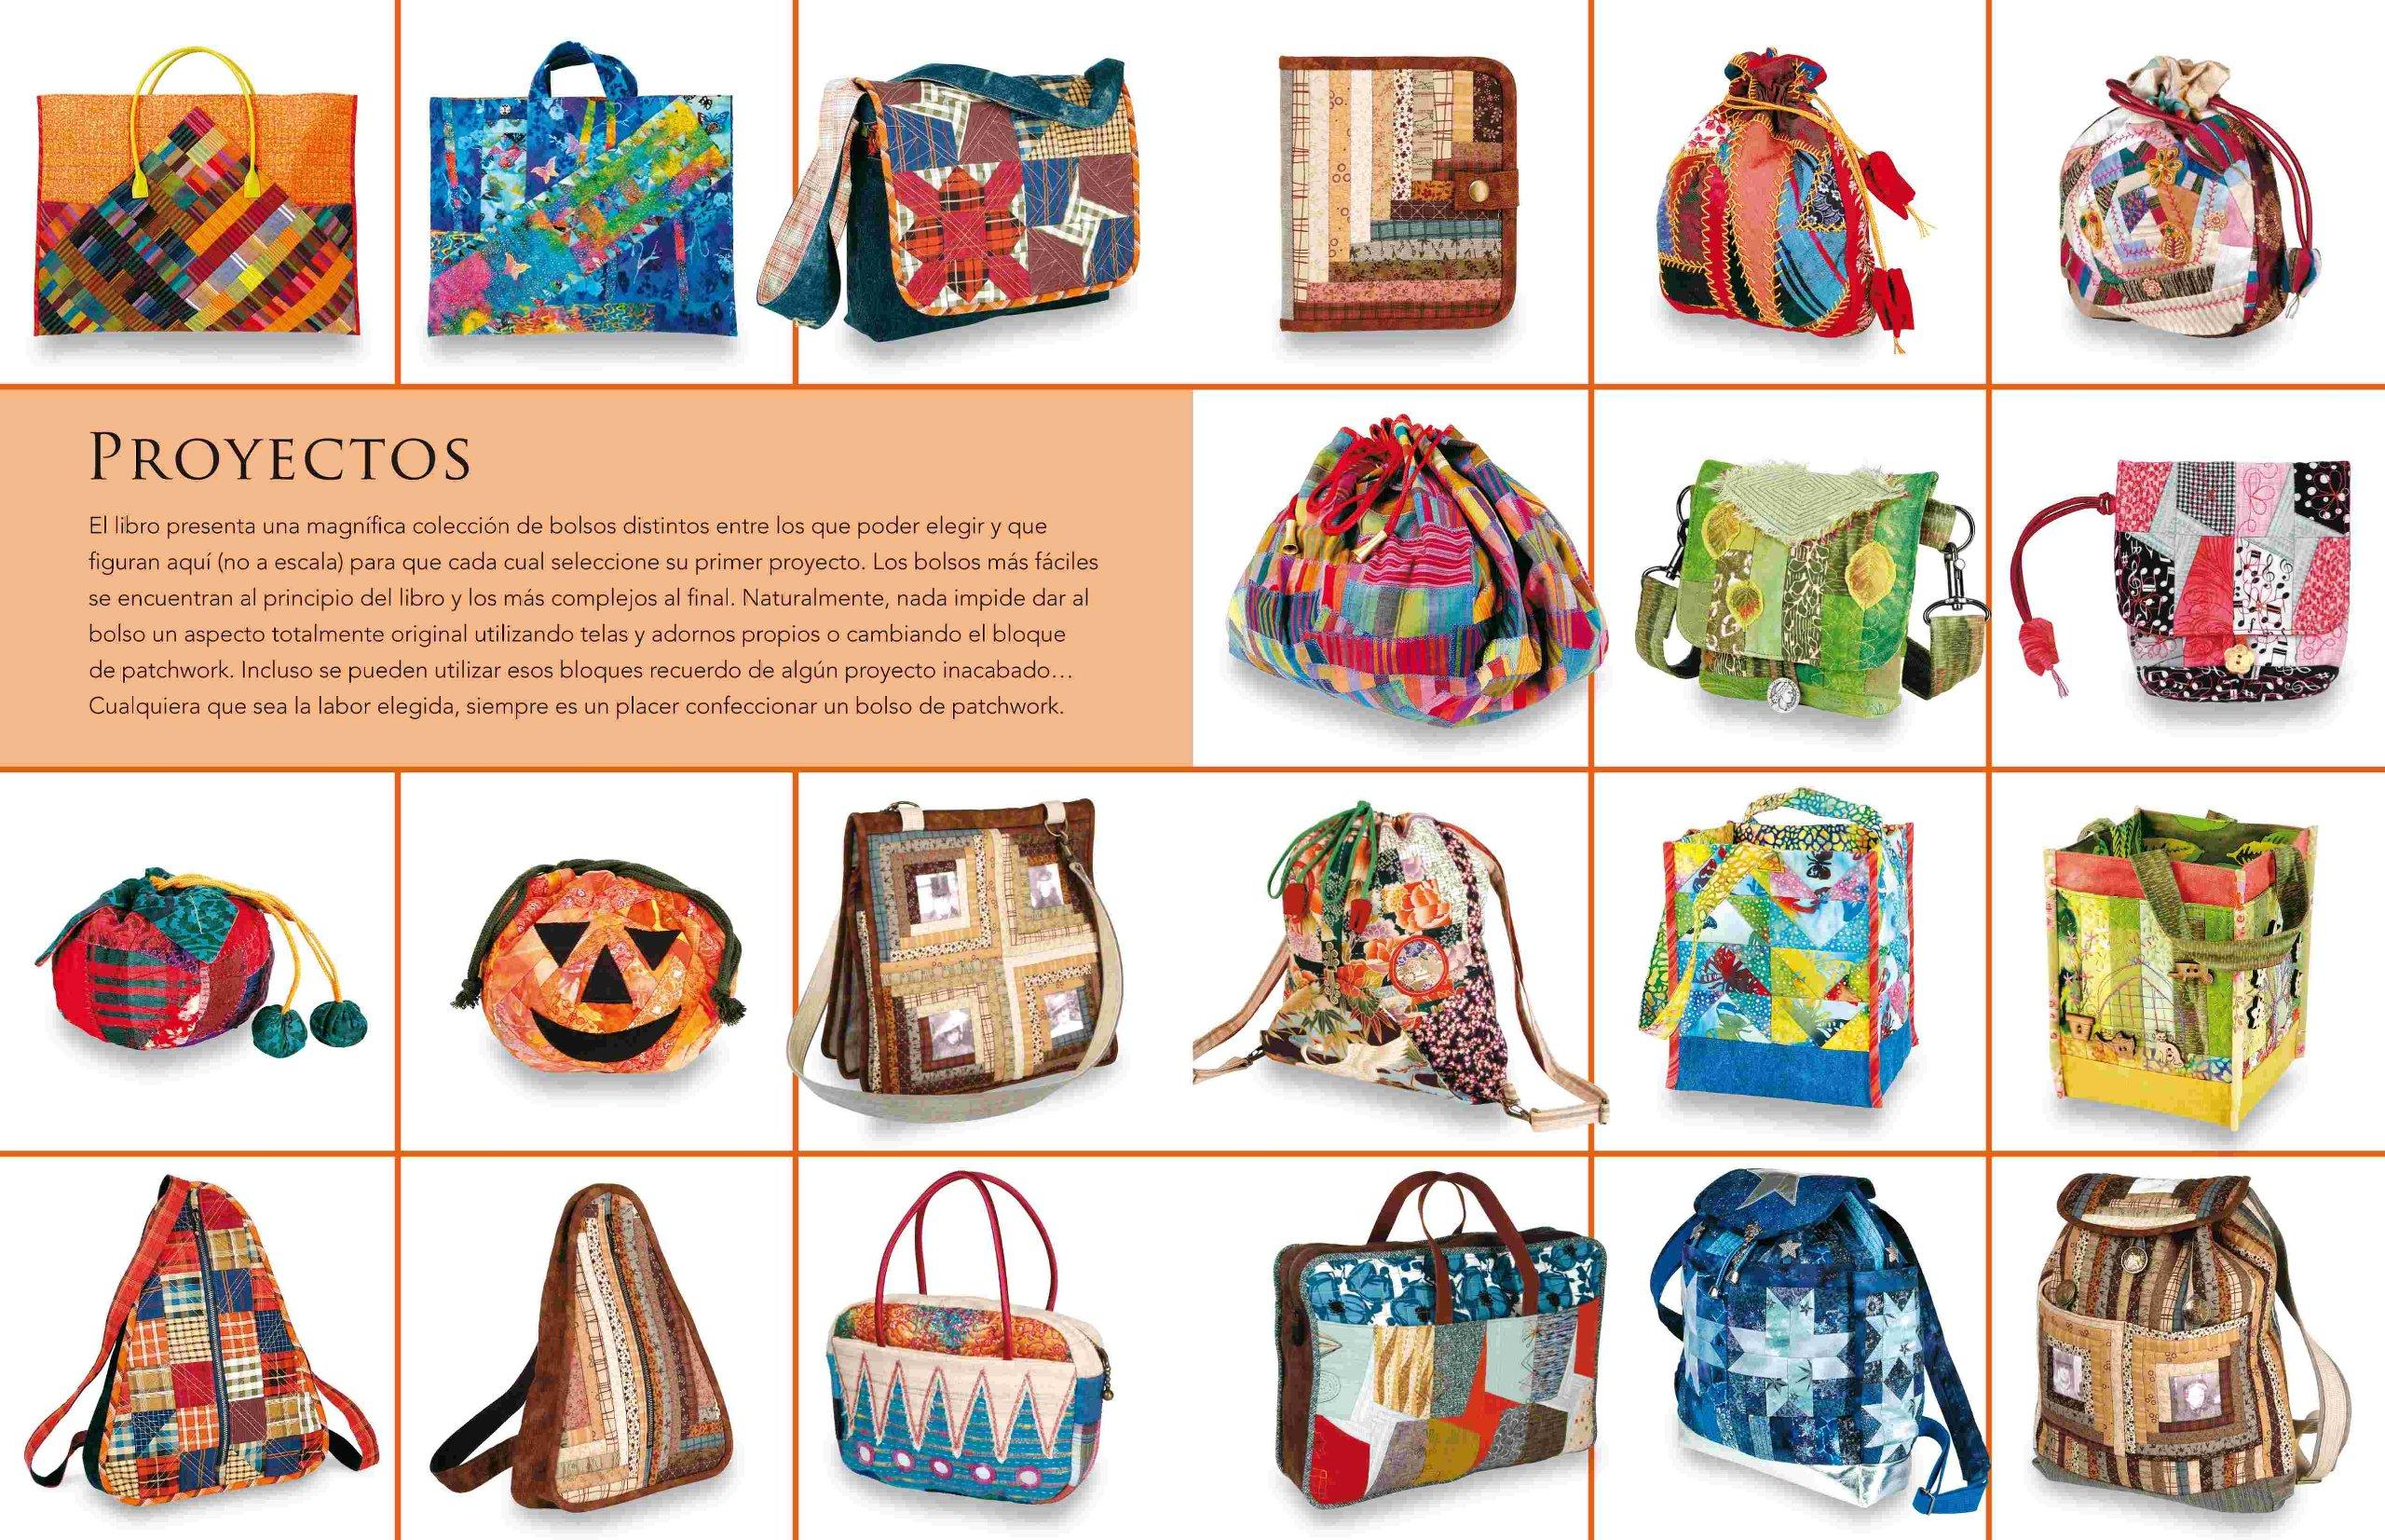 21 sensacionales bolsos de patchwork/ 21 Sensational Patchwork Bags (Spanish Edition): Susan Briscoe: 9788496777538: Amazon.com: Books